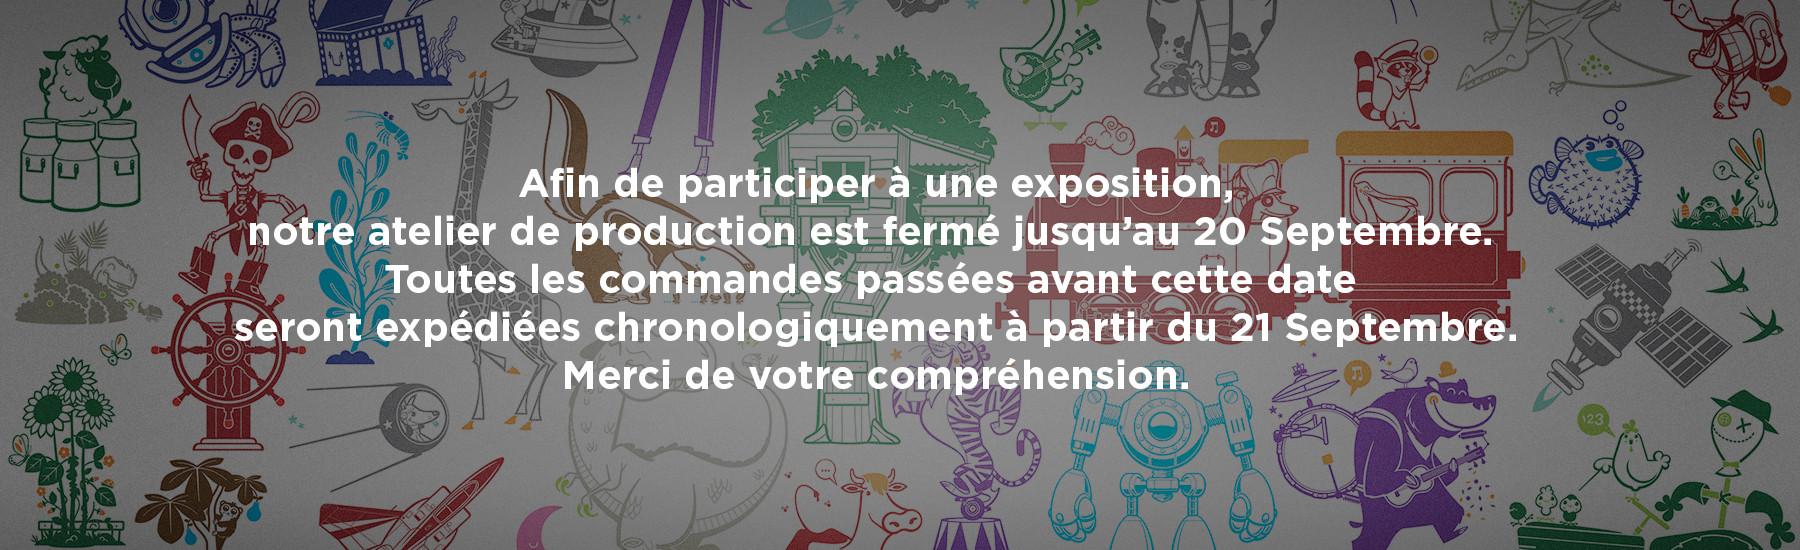 Exposition 2020 - Fermeture Atelier de Production